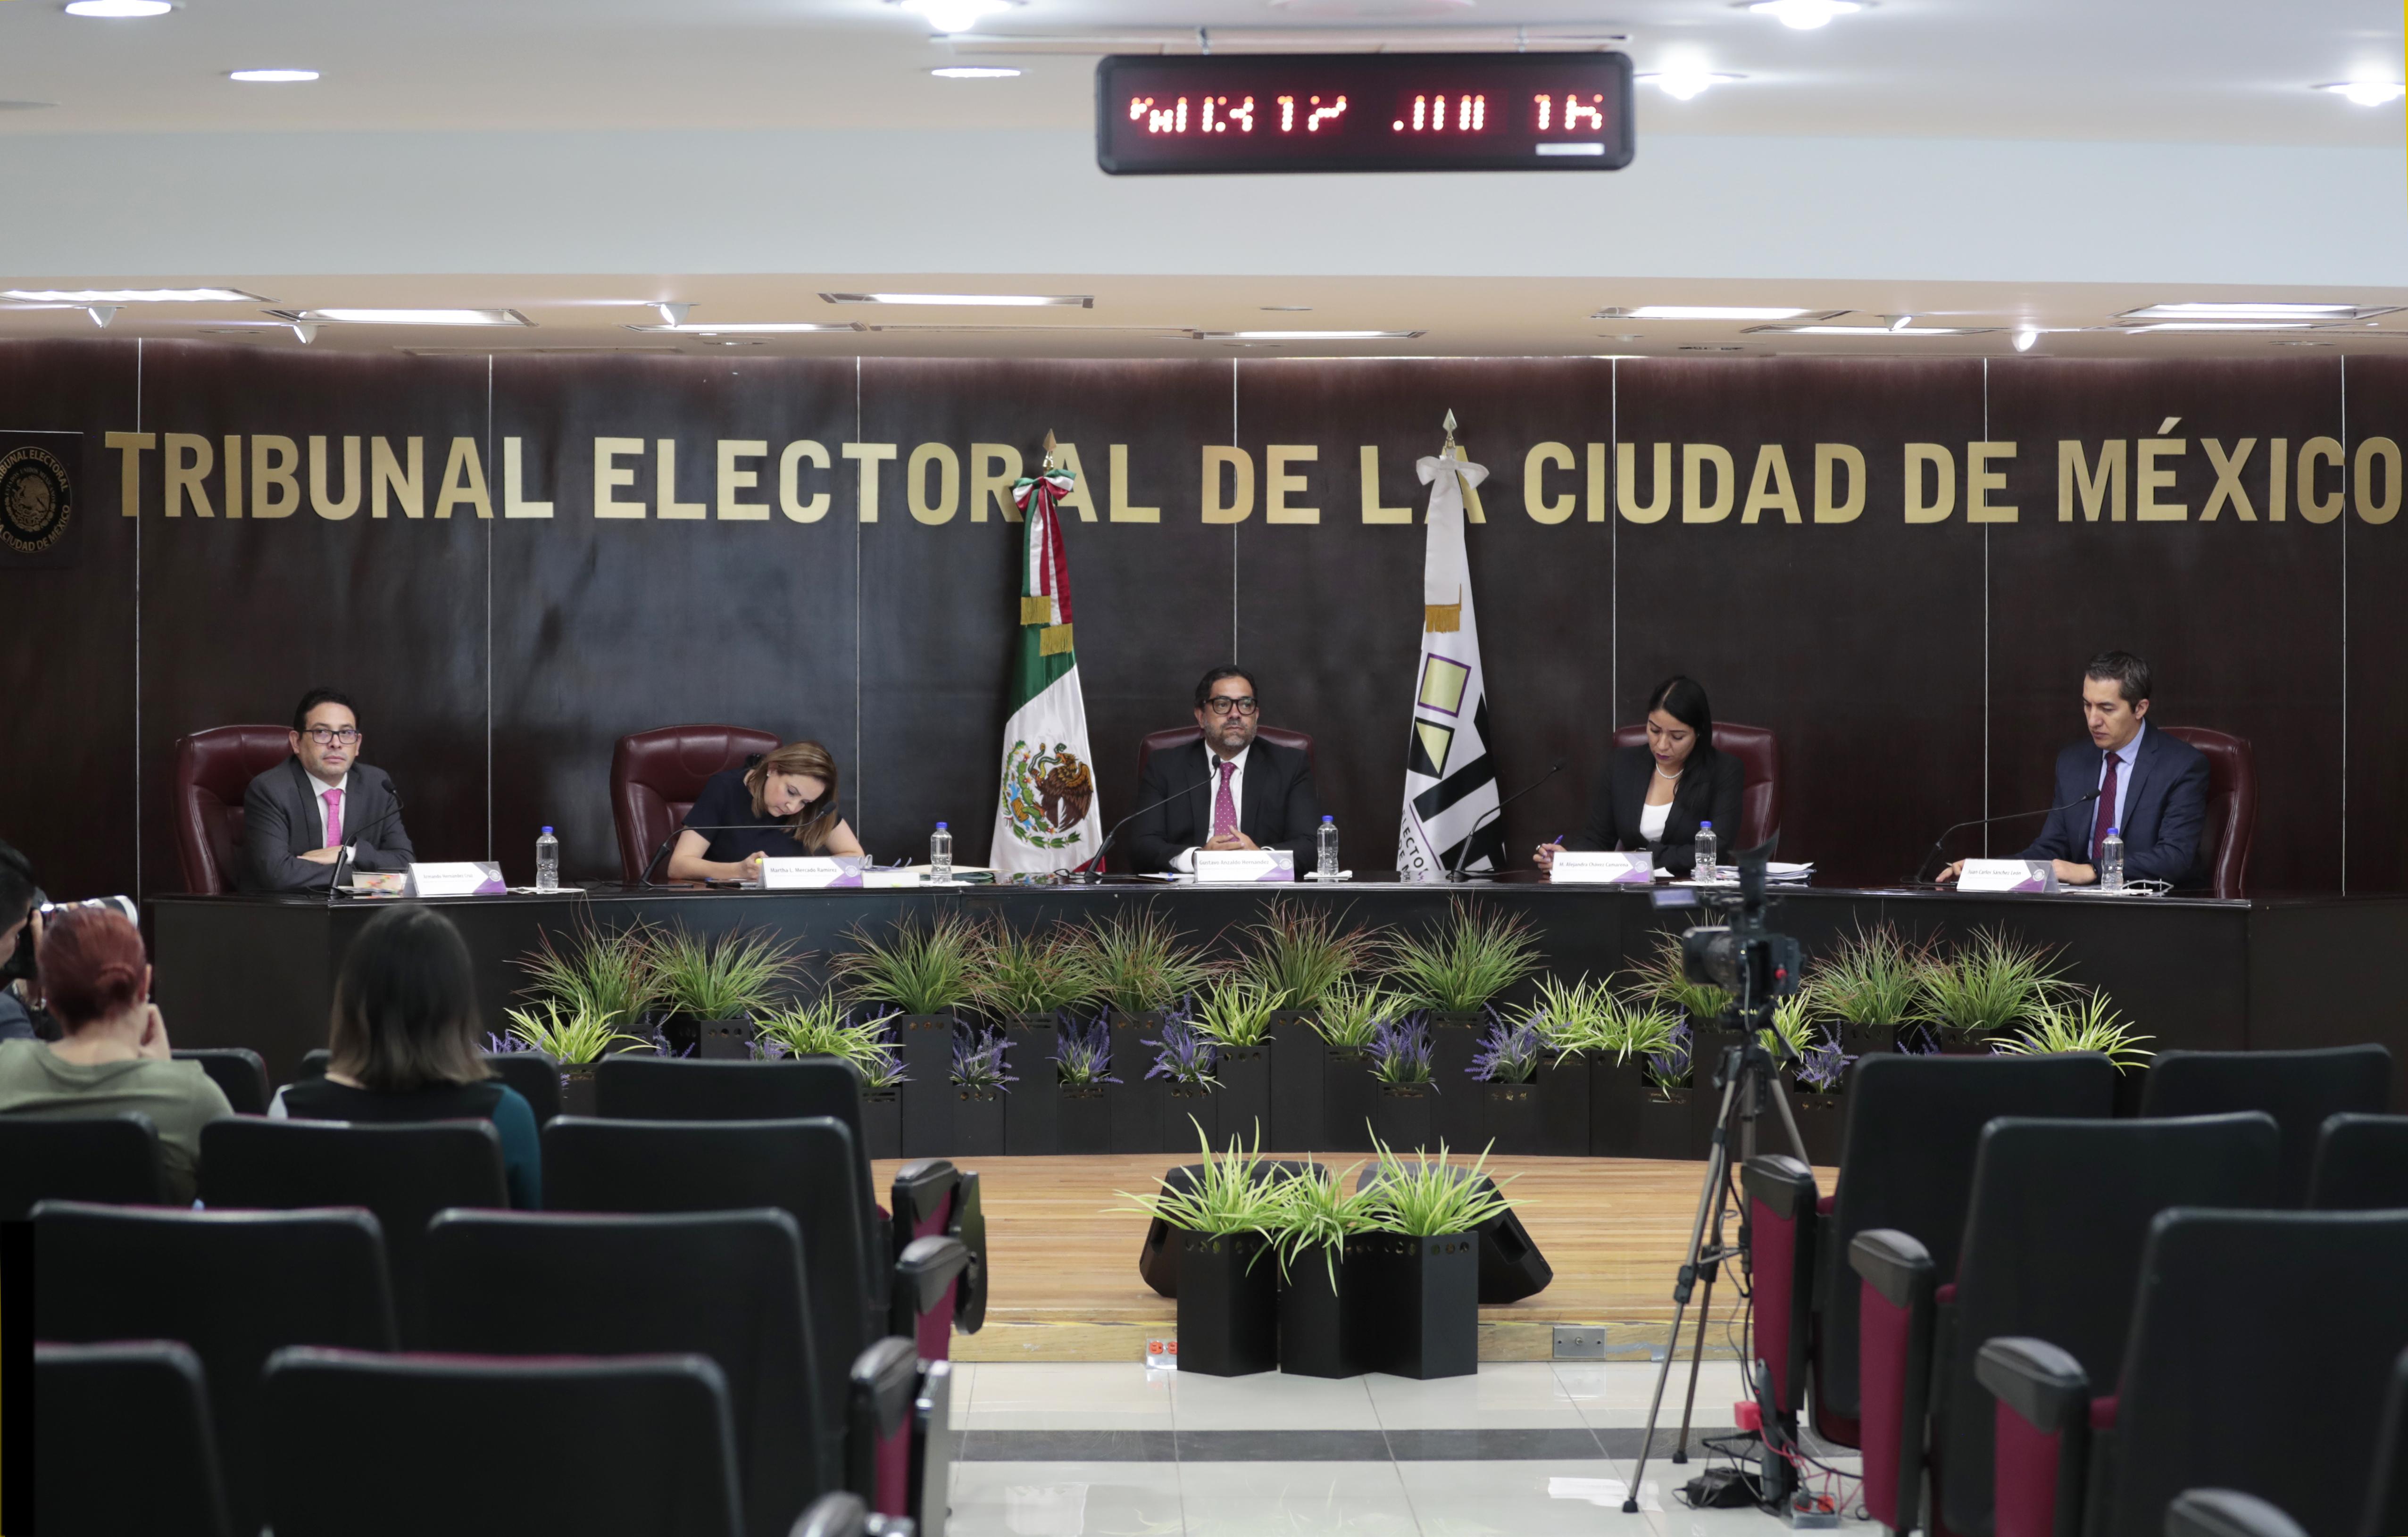 Confirma TECDMX resolución de la Comisión de Honestidad y Justicia del Partido MORENA sobre supuesta doble militancia de integrantes